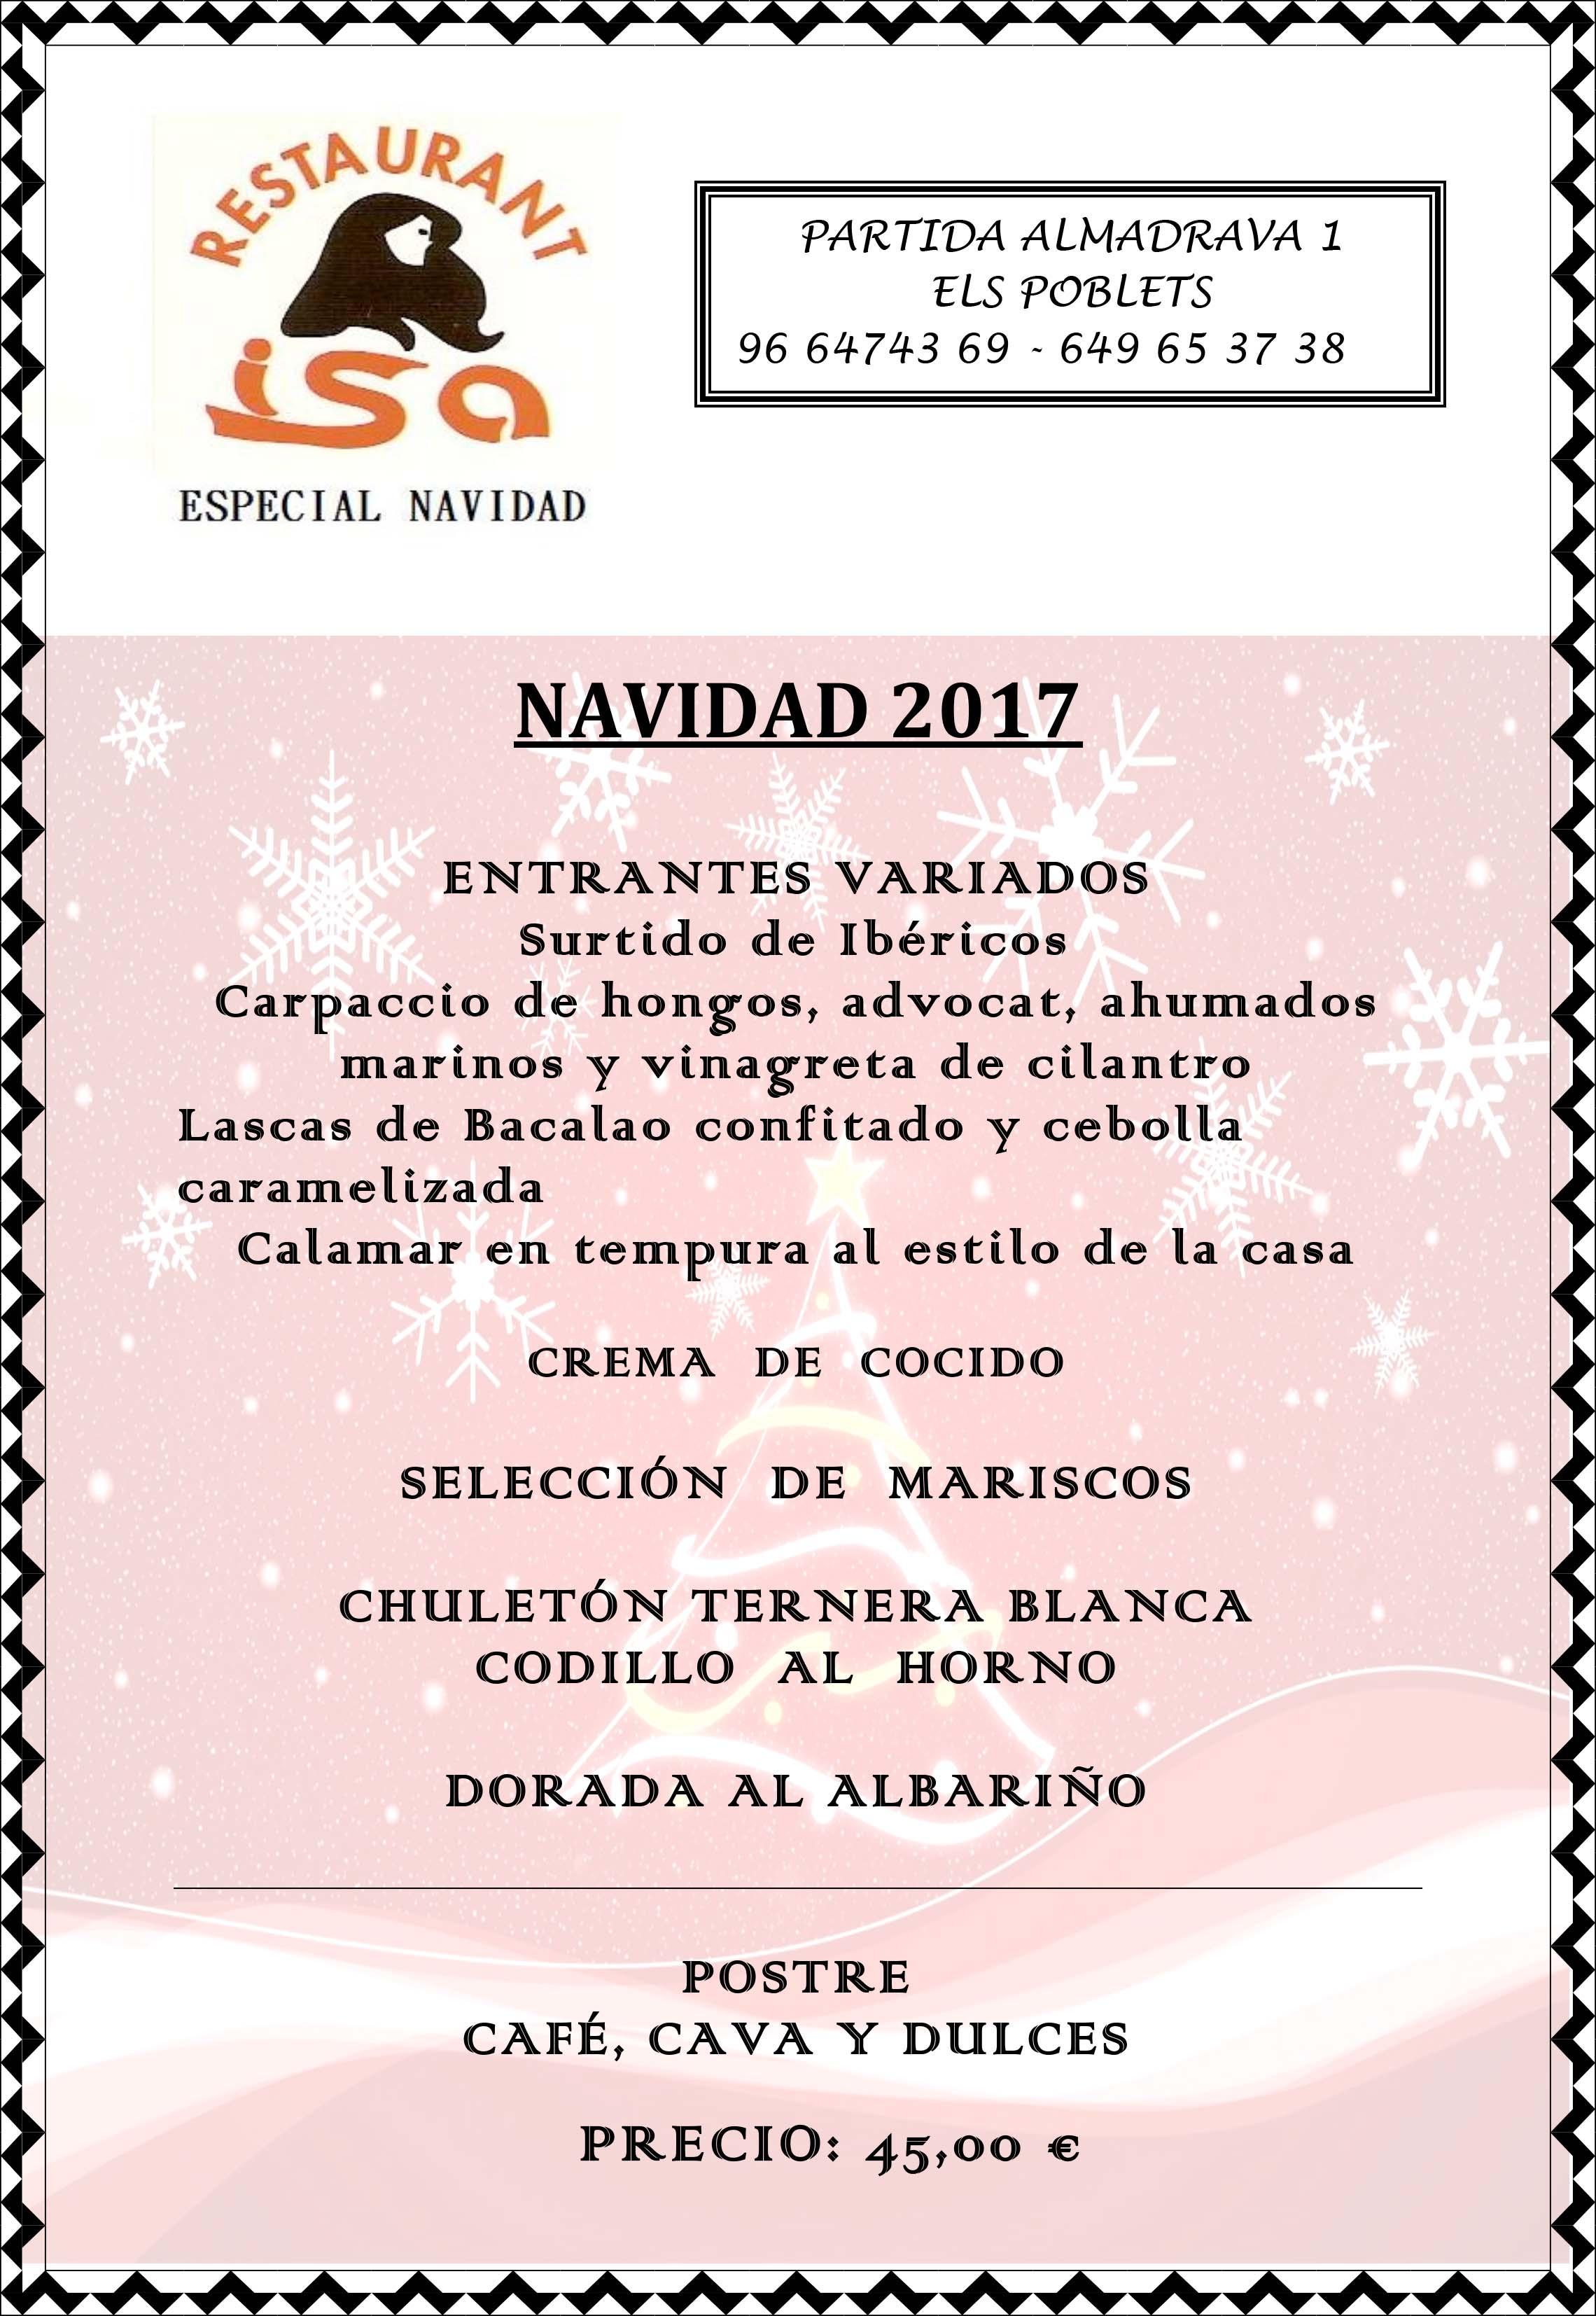 Menu de Navidad Restaurante Isa 2017